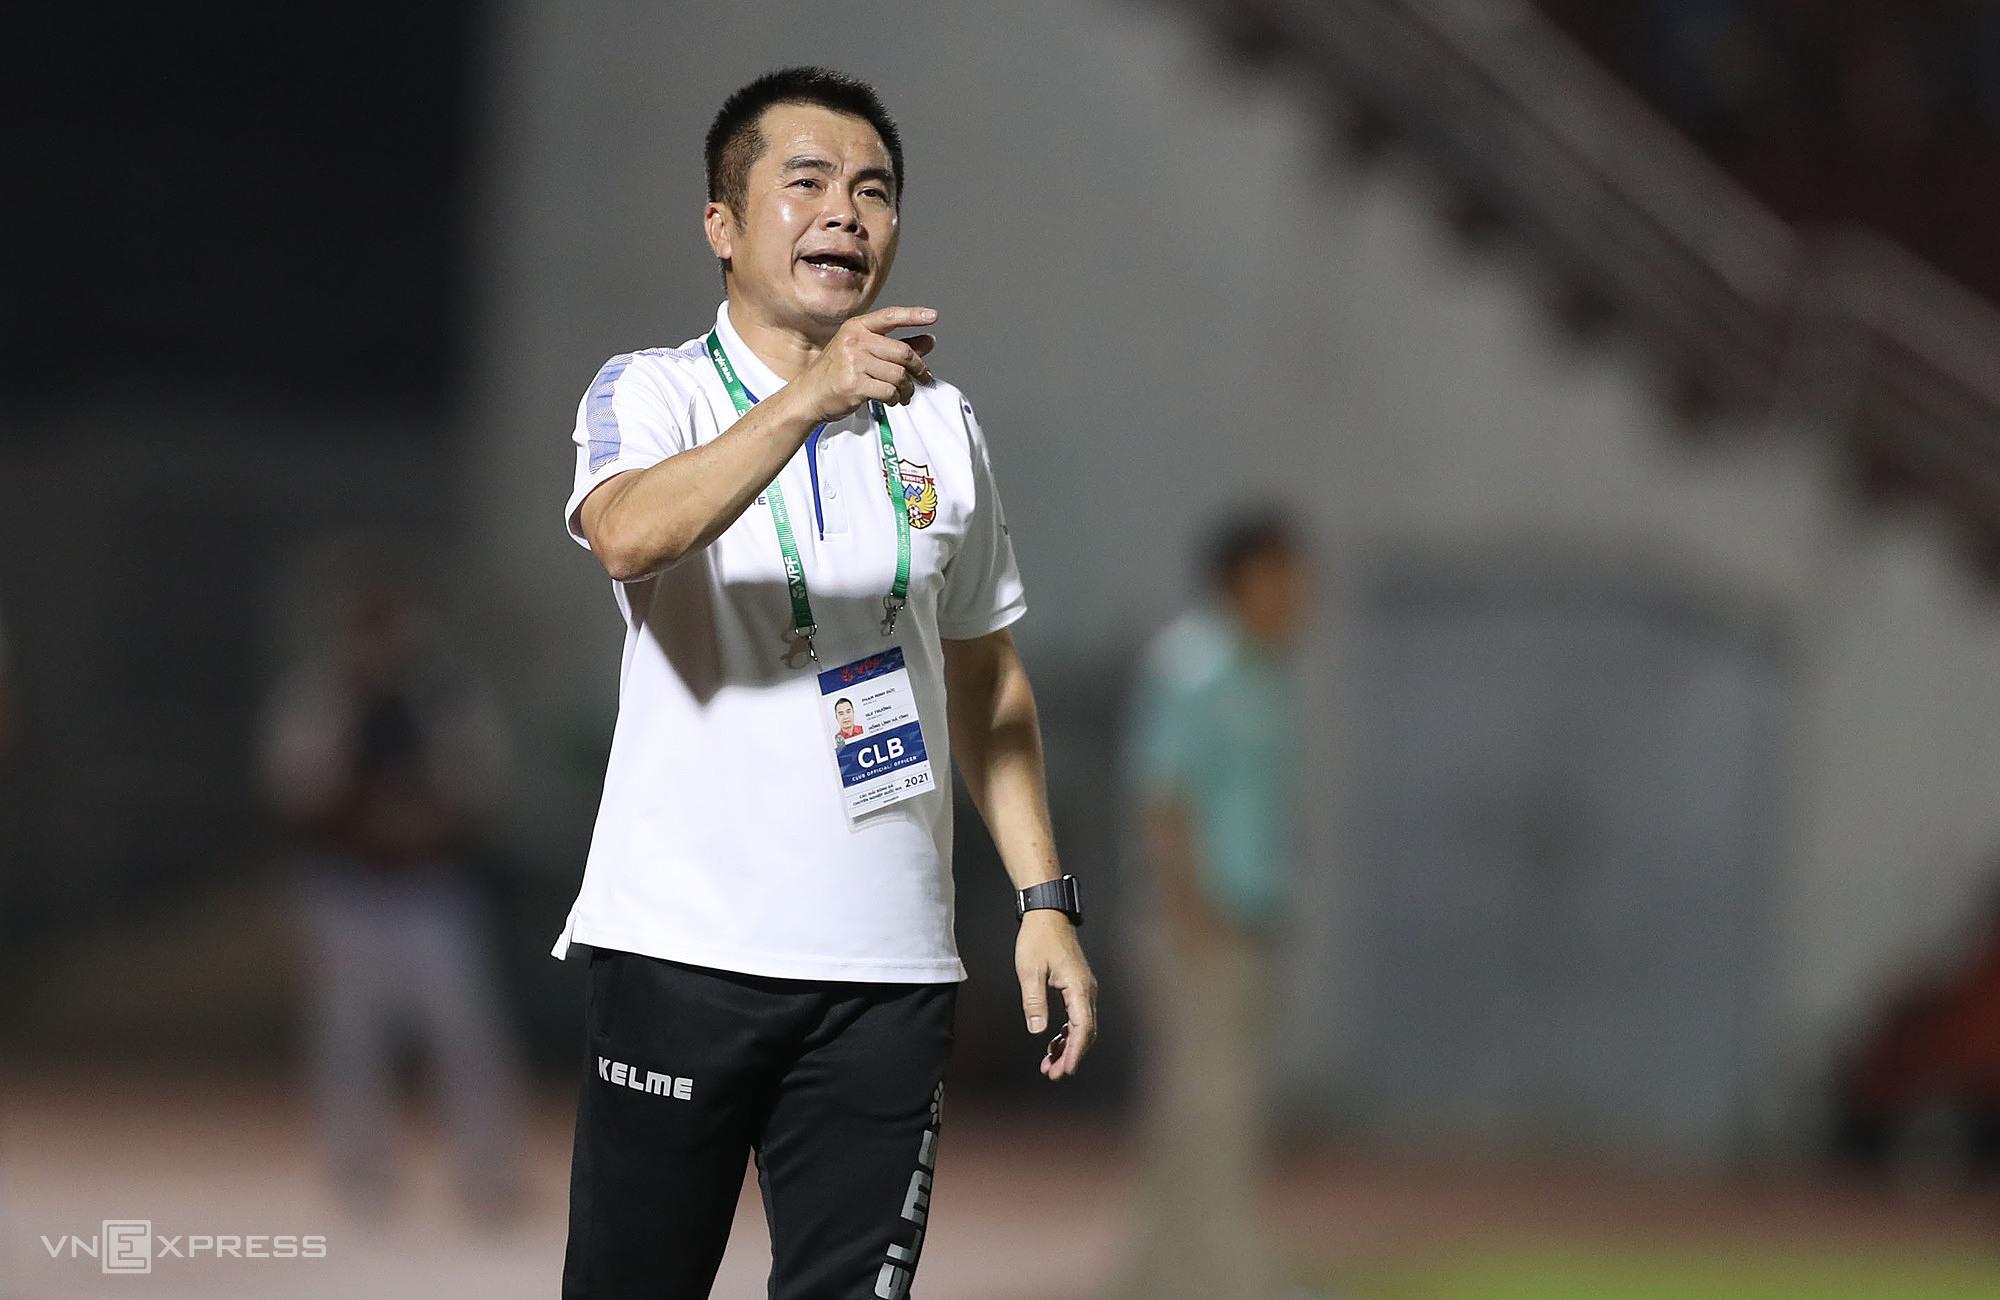 โค้ช Pham Minh Duc กล่าวอำลา Hong Linh Ha Tinh หลังจากการแข่งขันที่ย่ำแย่มาหลายนัด  ภาพ: Duc Dong